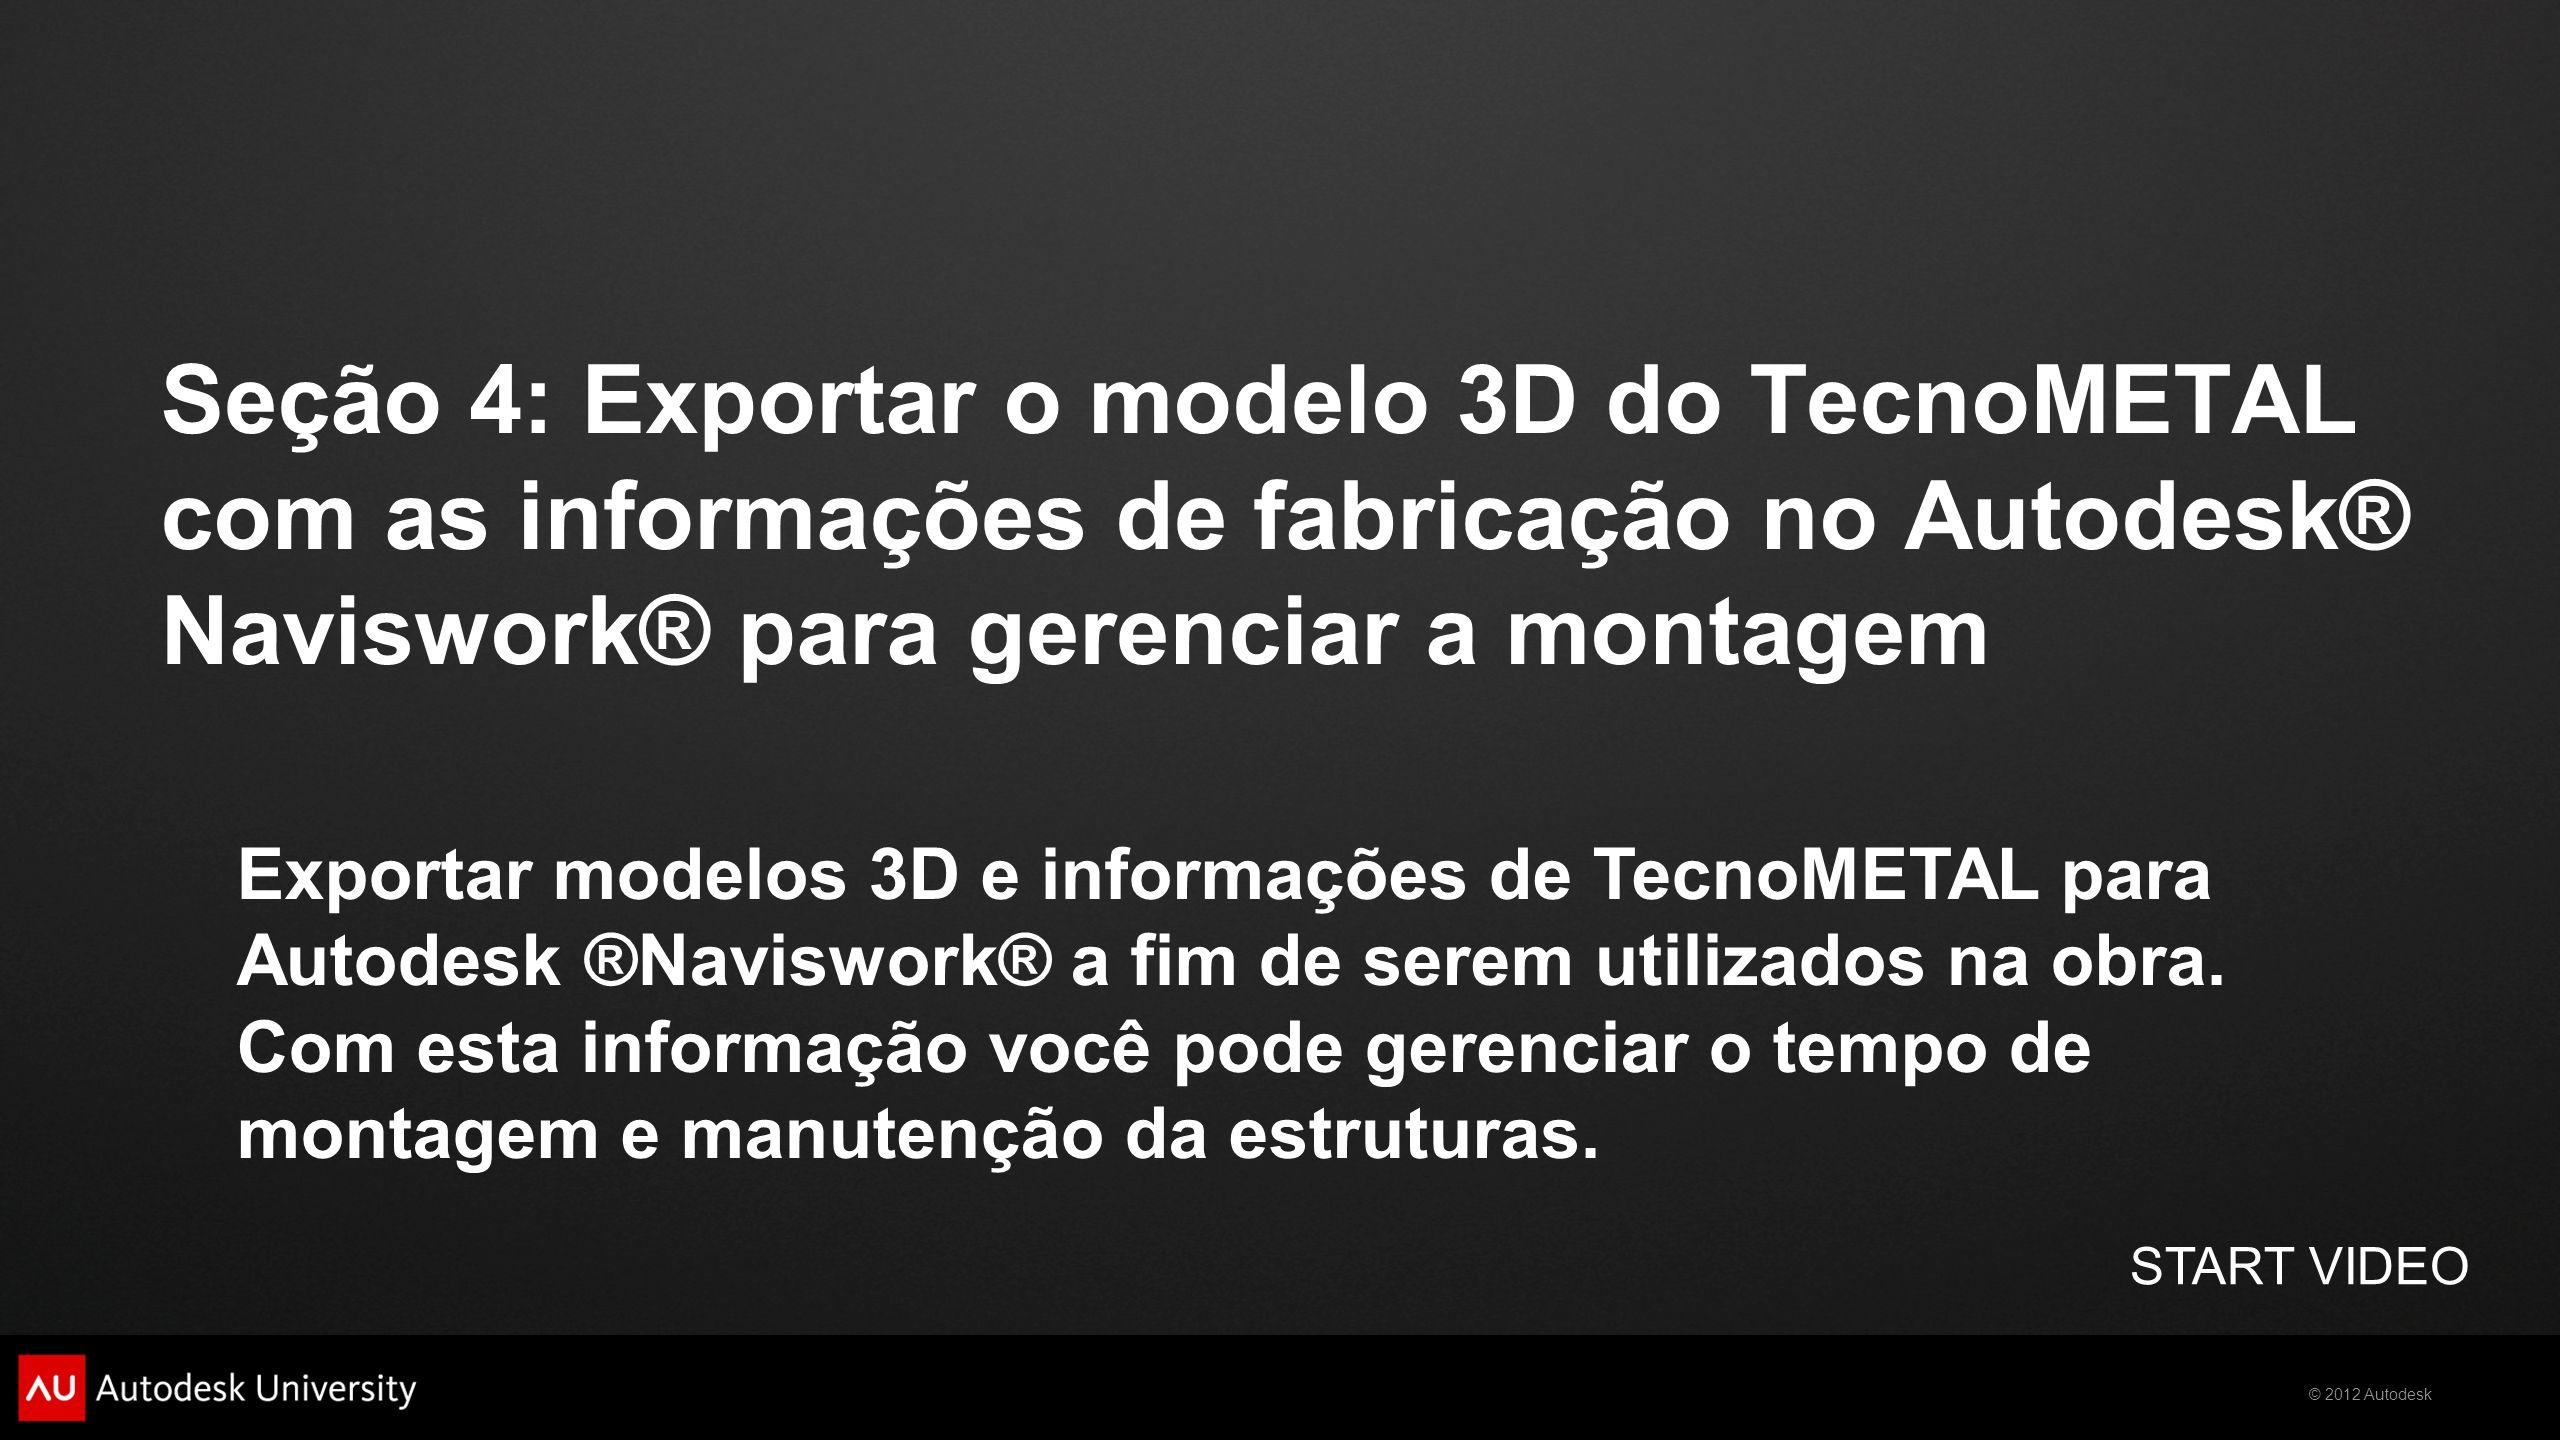 Exportar modelos 3D e informações de TecnoMETAL para Autodesk ®Naviswork® a fim de serem utilizados na obra. Com esta informação você pode gerenciar o